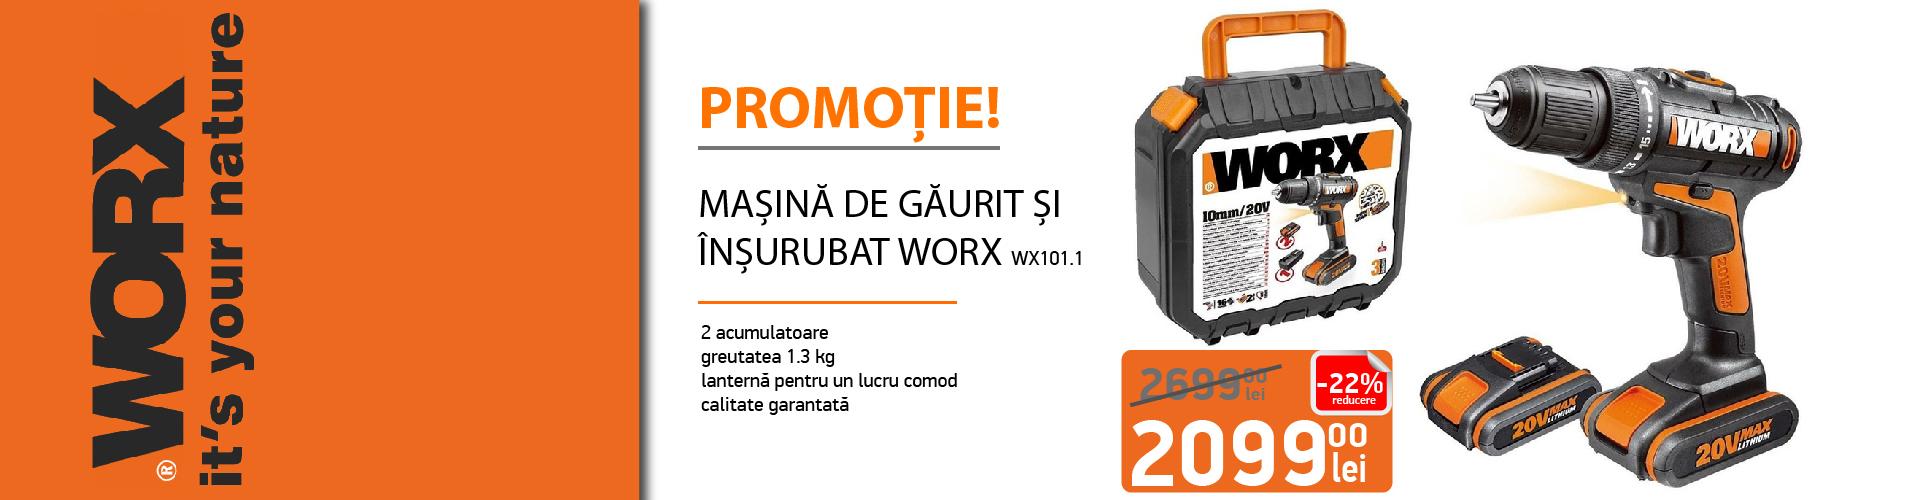 Promotie Worx